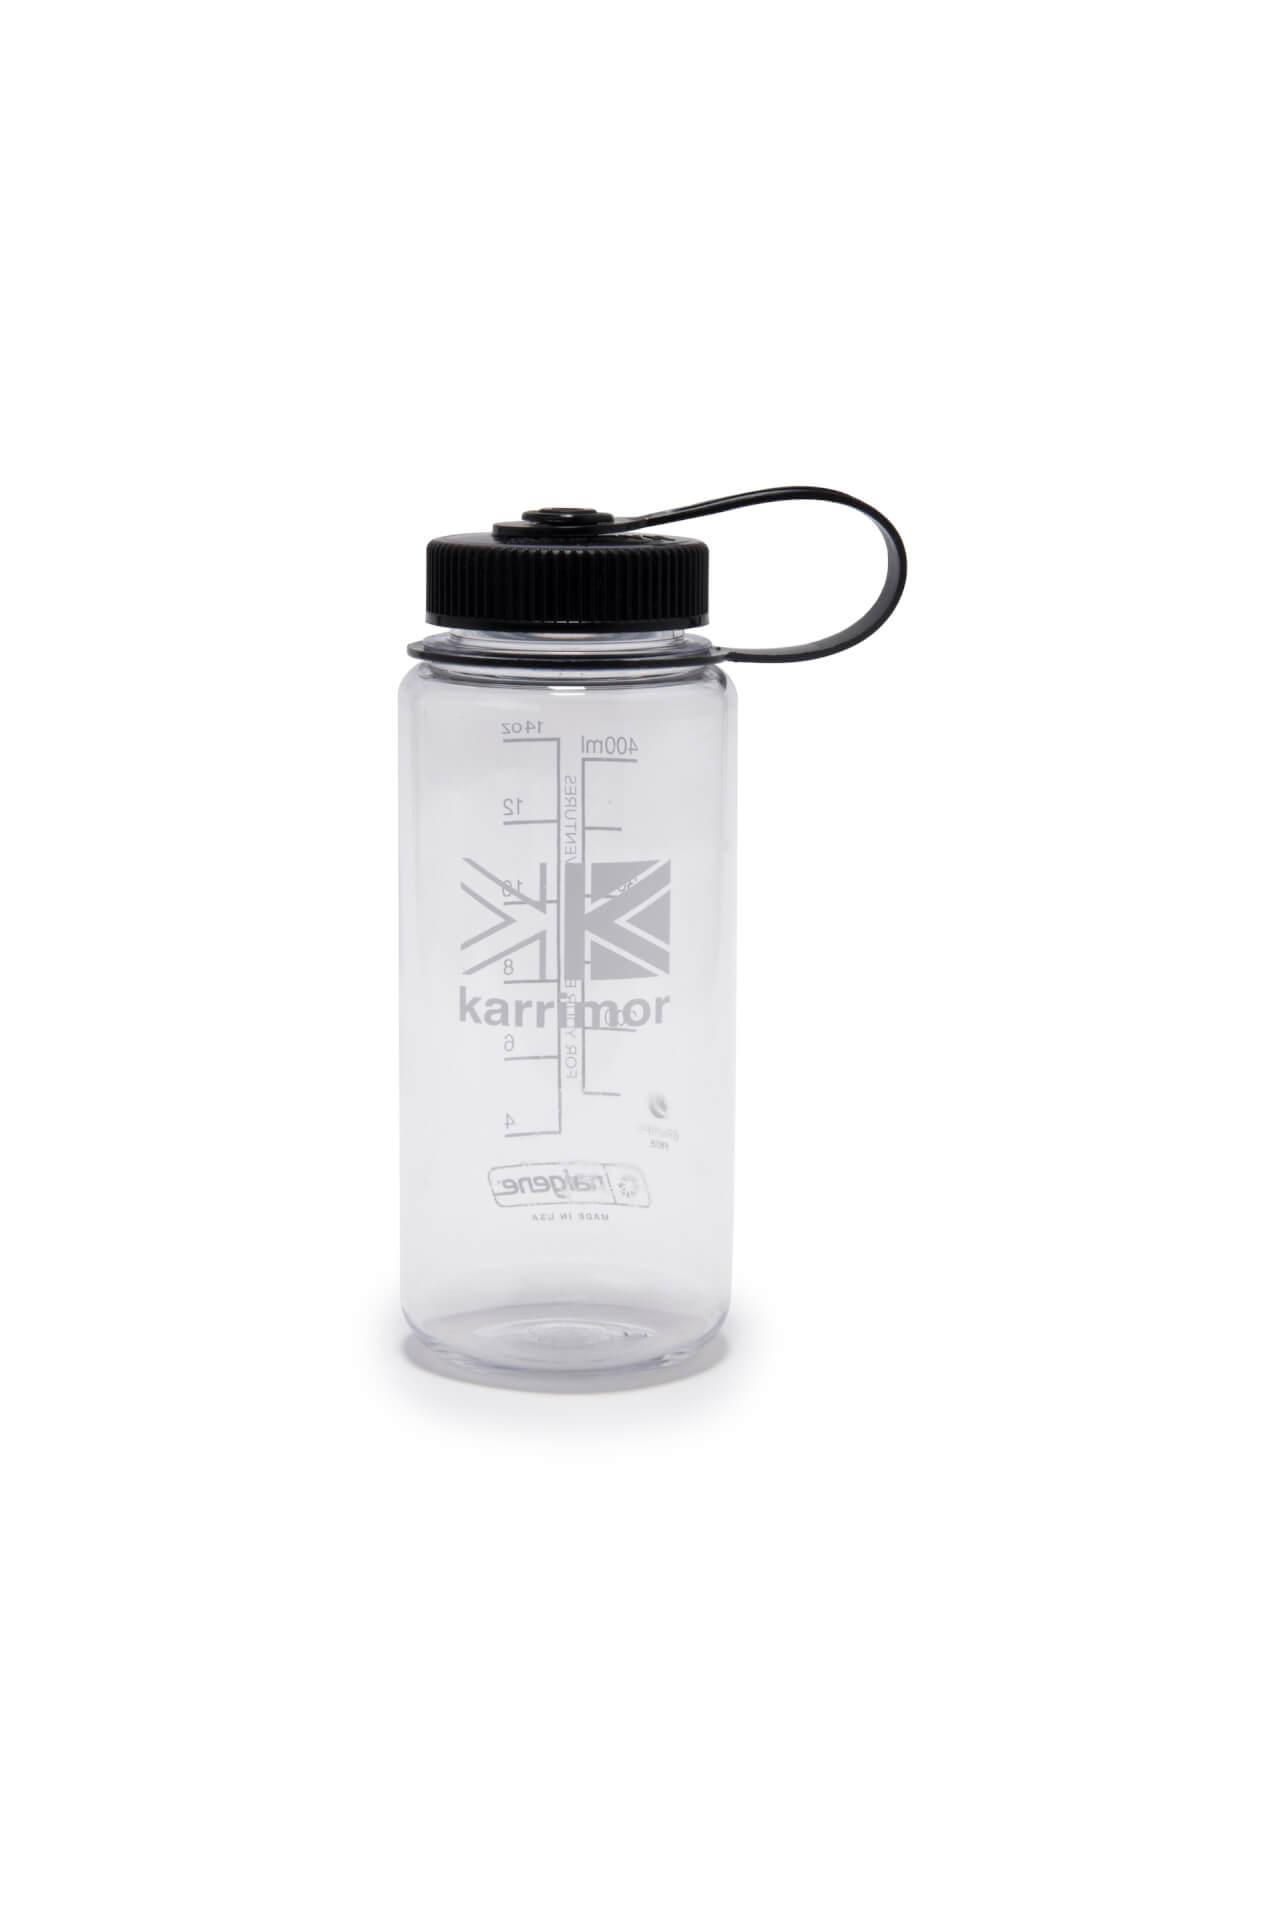 カリマーが無料給水サービスにも利用できるボトルを発売!Nalgenとのコラボアイテム life210601_karrimor_bottle_12